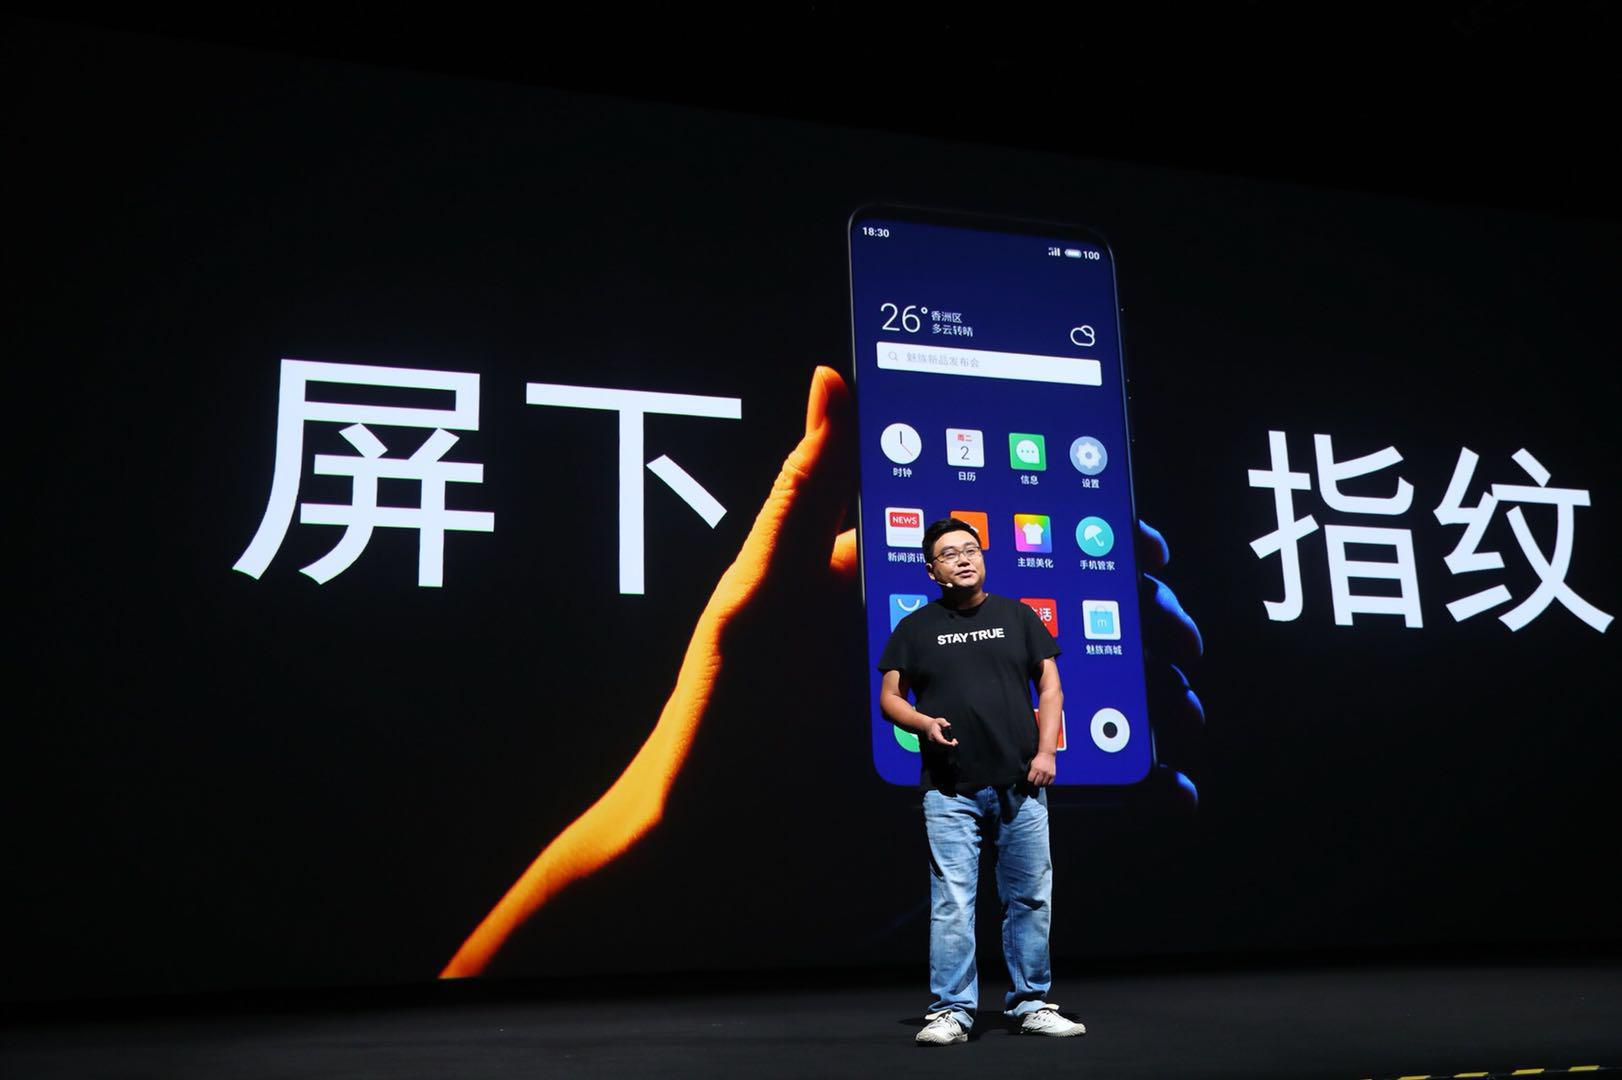 魅族16旗舰手机正式发布 售价2698元起